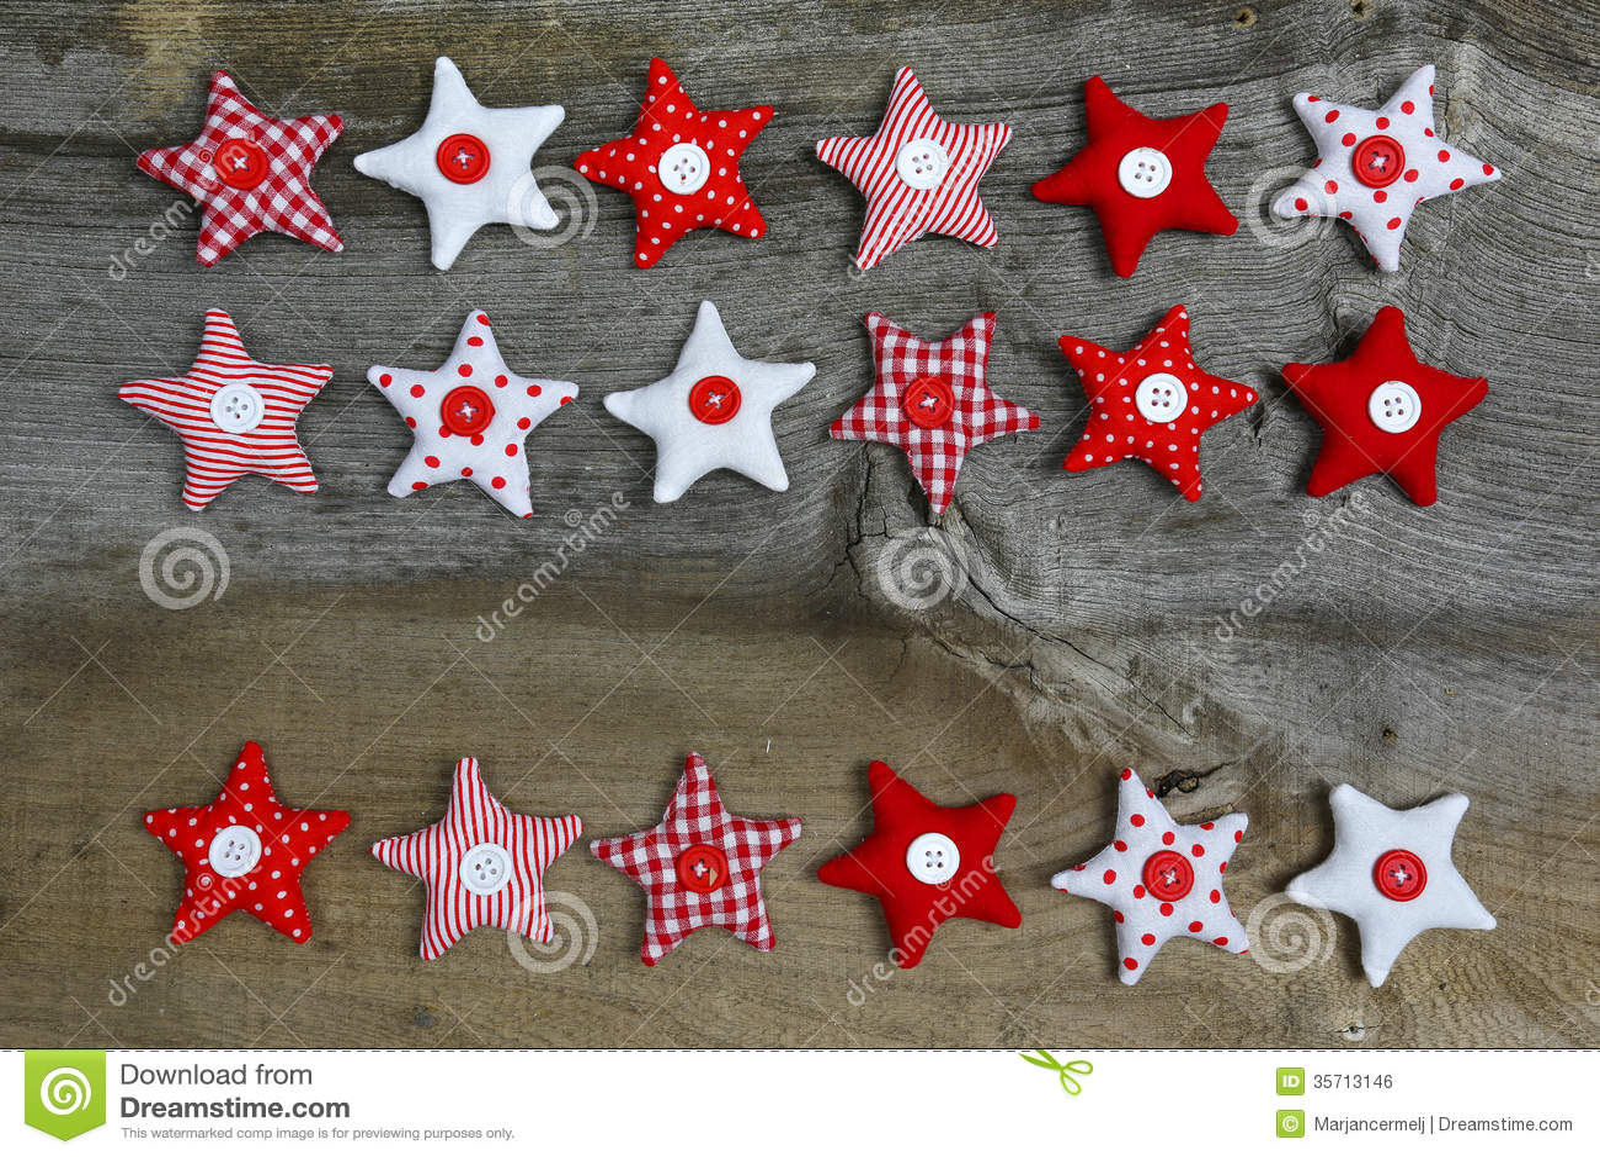 #BD0E10 Étoiles Rouges Et Blanches De Décoration De Joyeux Noël De  6029 decoration de noel rustique 1300x957 px @ aertt.com